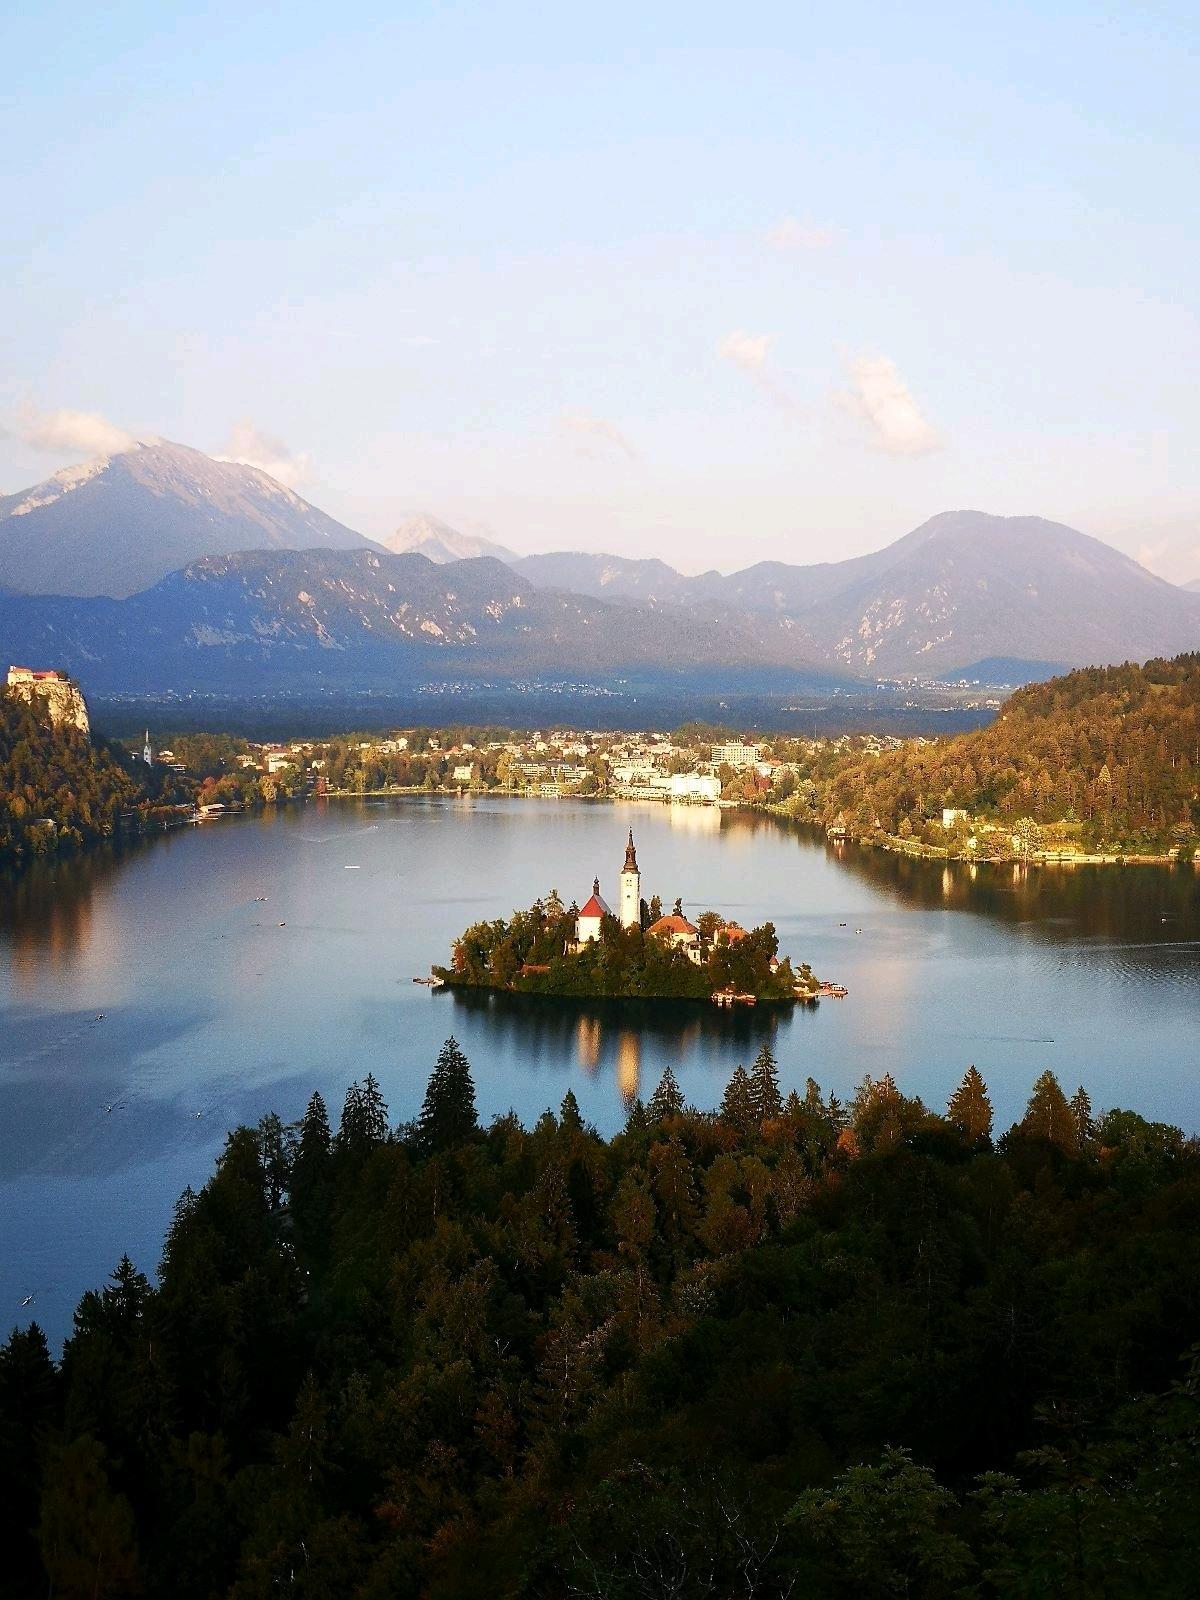 法国首都是_2019斯洛文尼亚旅游攻略,斯洛文尼亚自由行攻略,马蜂窝